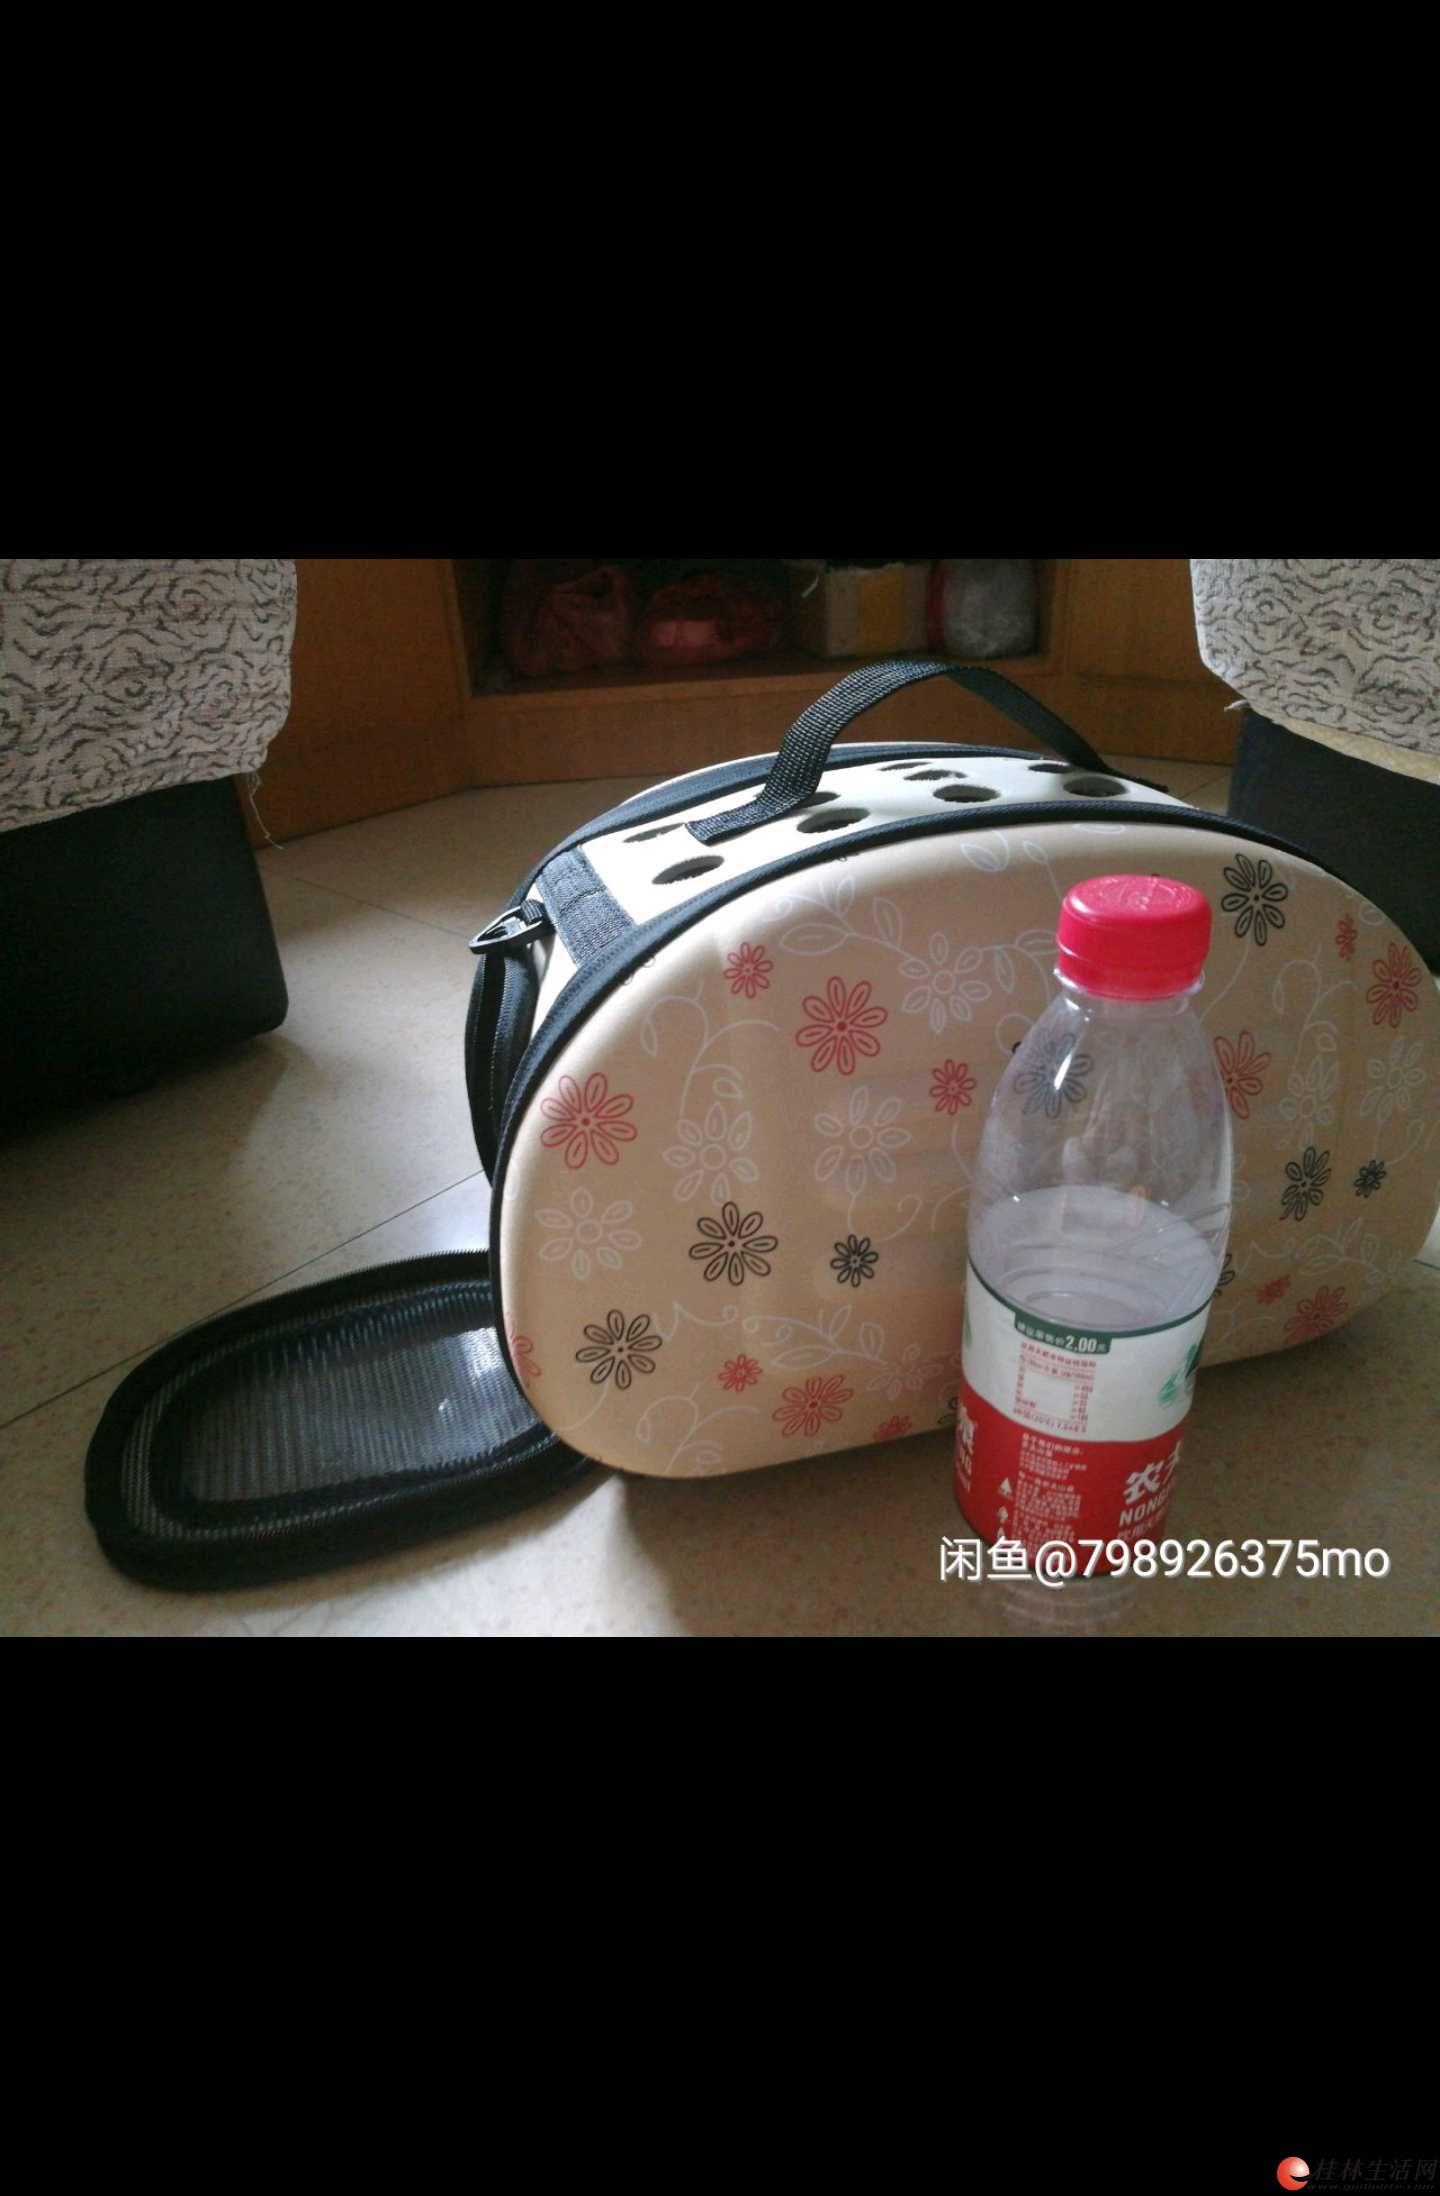 宠物包猫包狗包外出包便携包 宠物兔单肩背包泰迪折叠包手提箱包